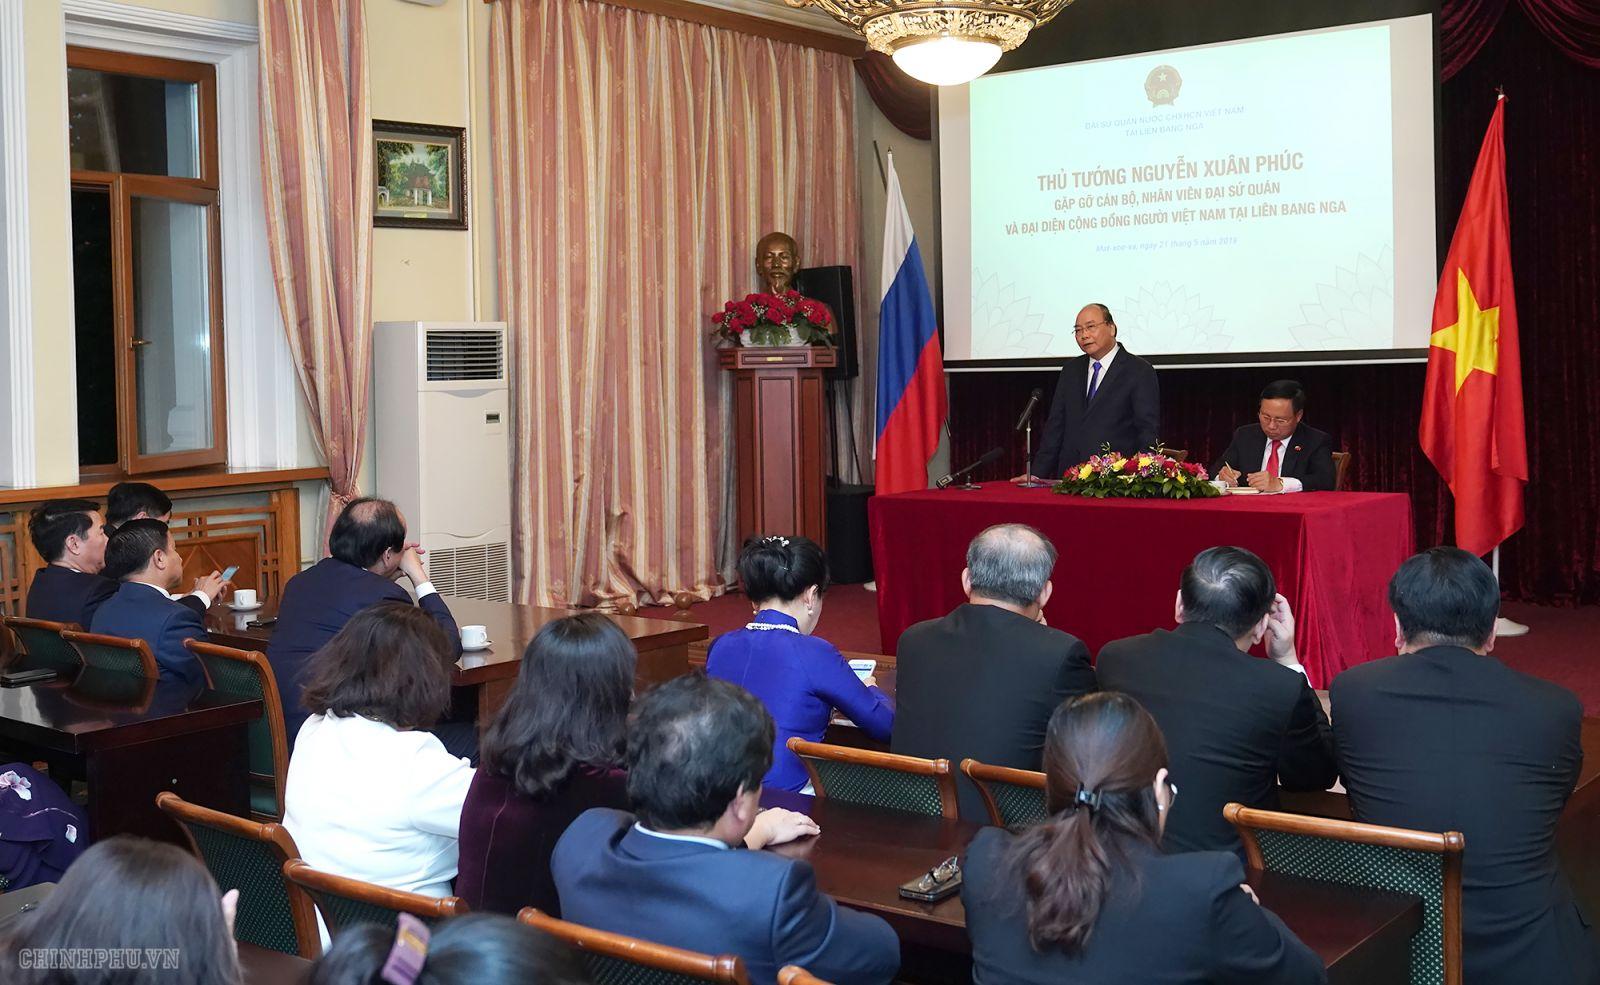 Thủ tướng Nguyễn Xuân Phúc đến thăm, nói chuyện với cán bộ, nhân viên Đại sứ quán và cộng đồng người Việt Nam tại Nga. Ảnh VGP/Quang Hiếu